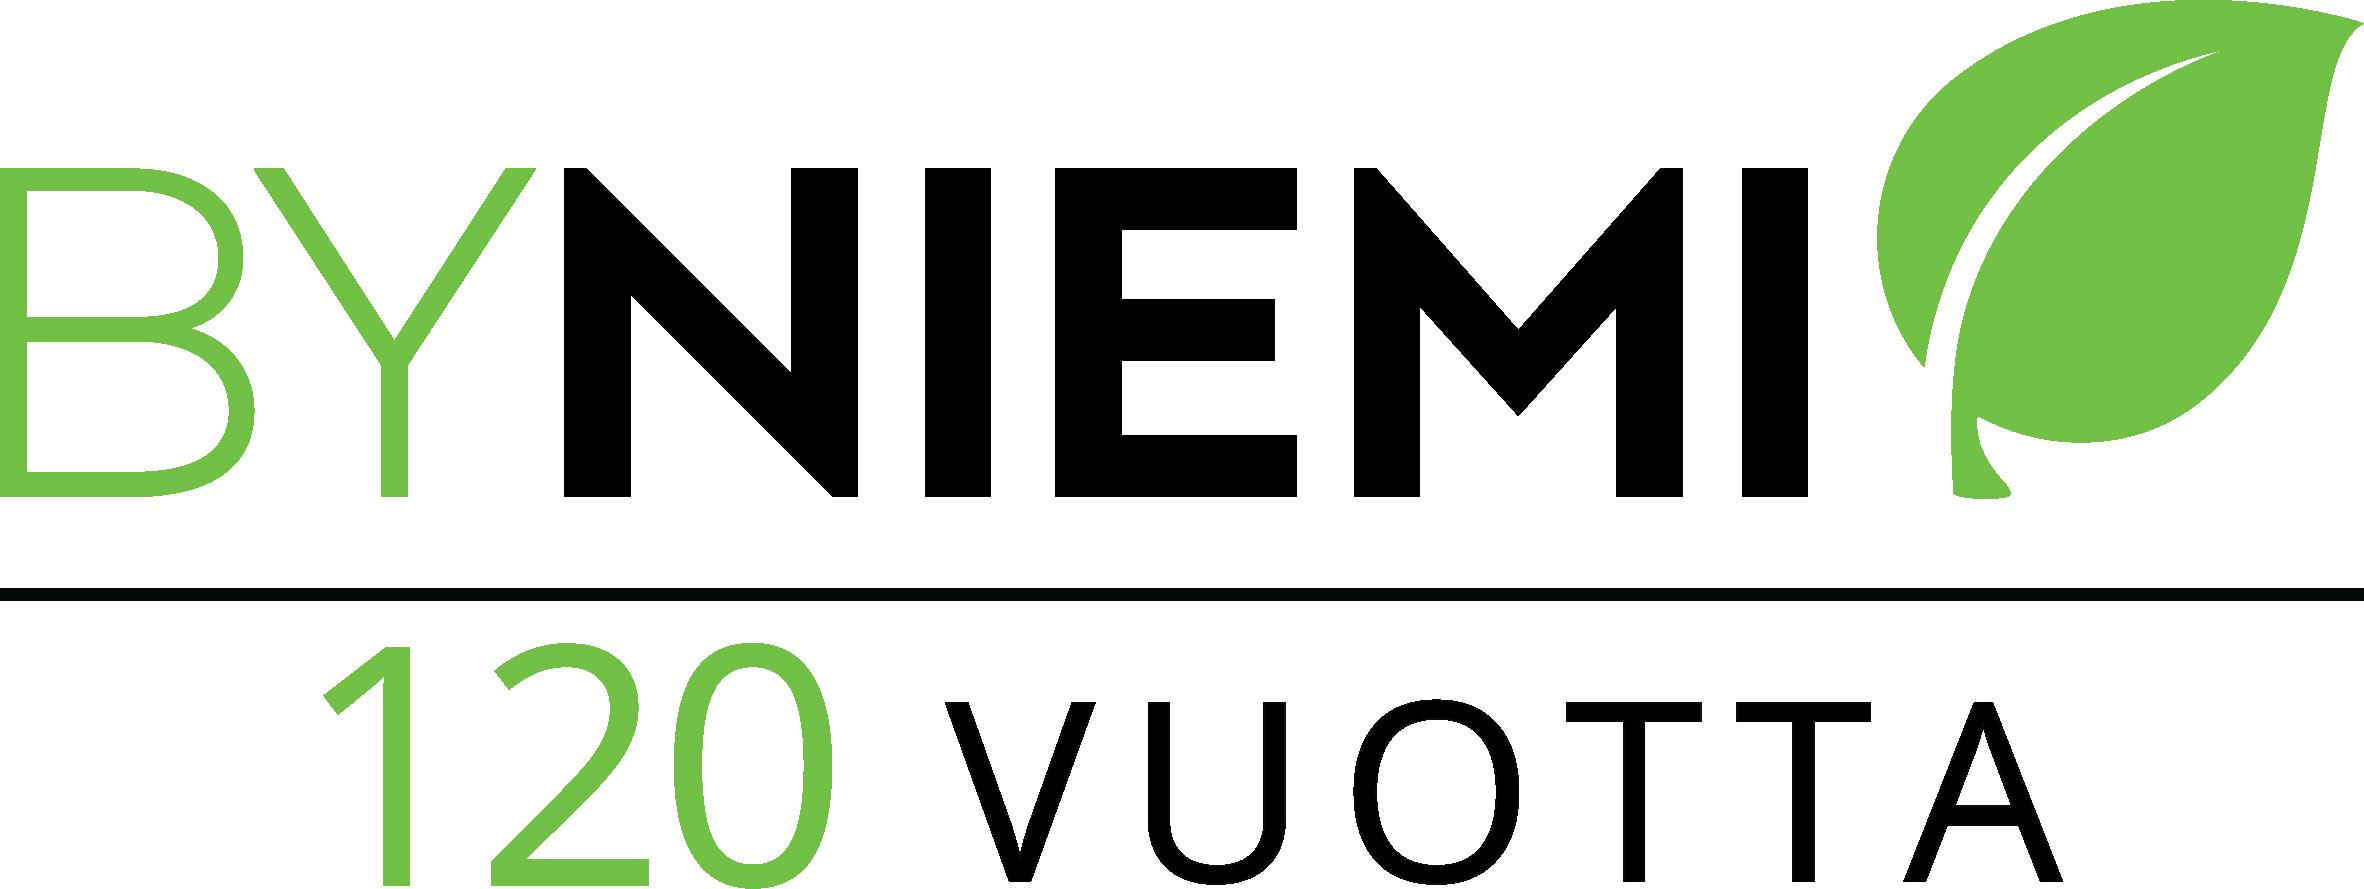 BYNiemi120 logo.png